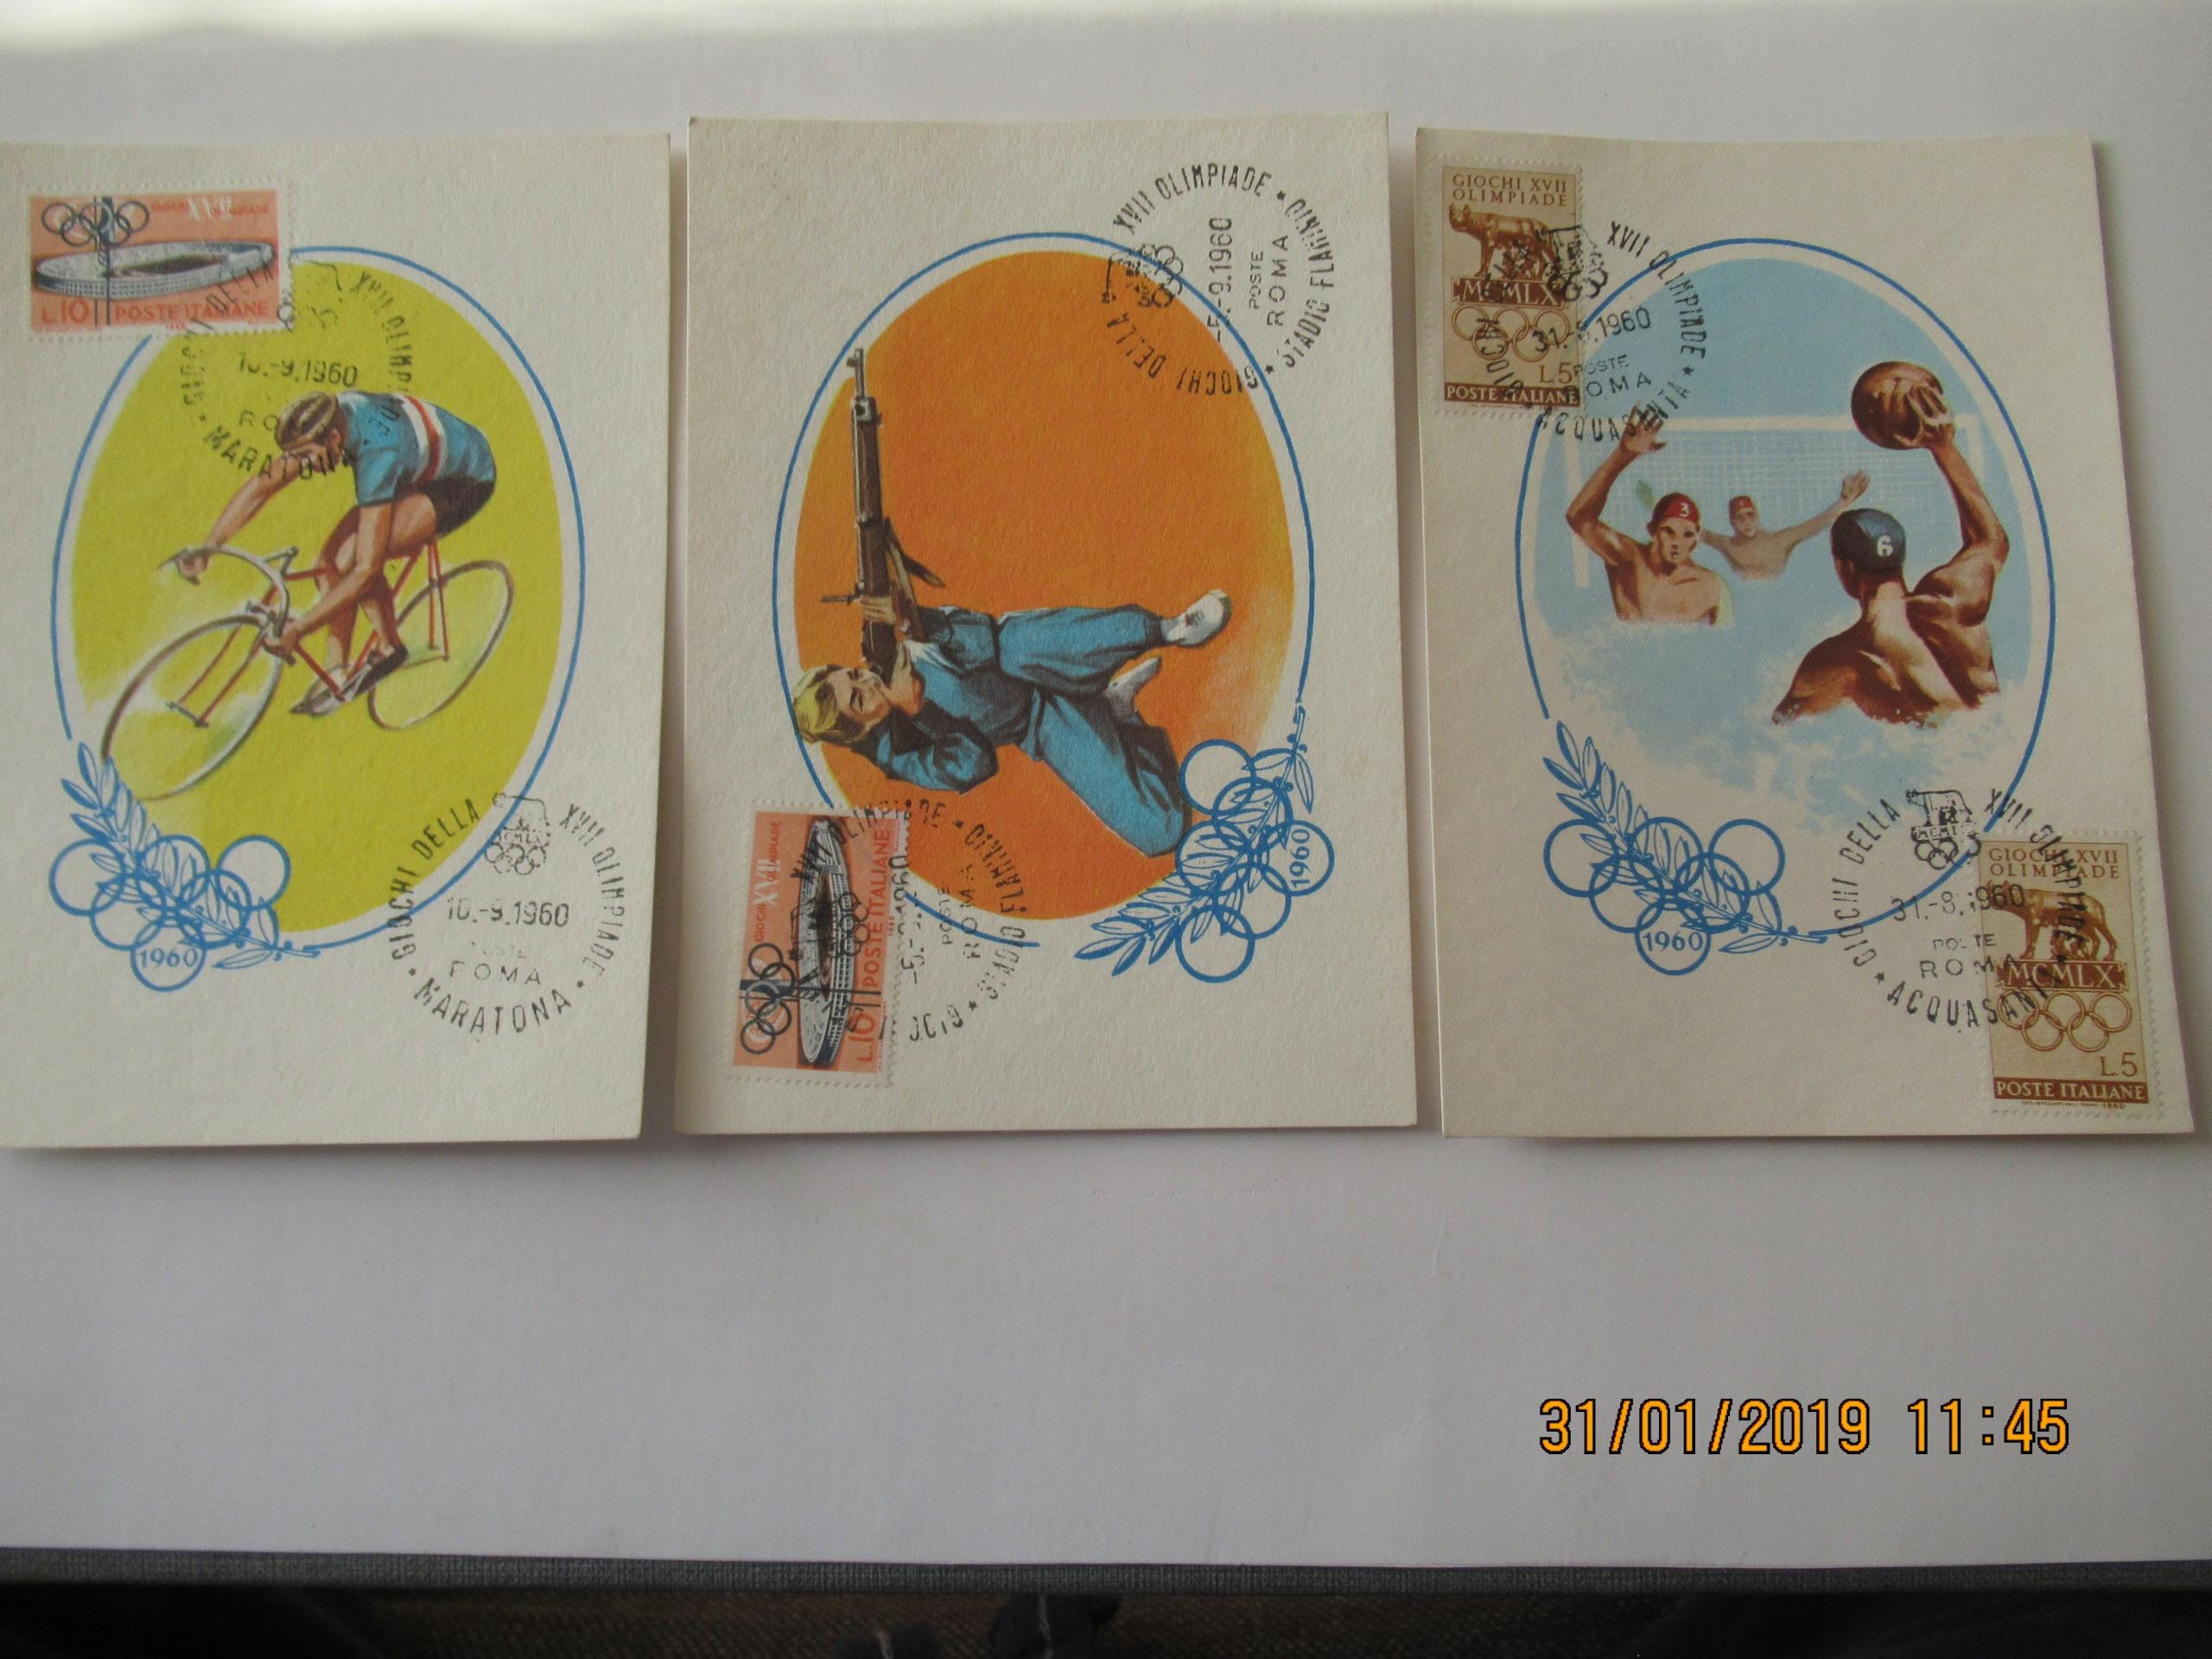 KARTKI POCZTOWE Z OLIMPIADY W RZYMIE 1960 oryginał